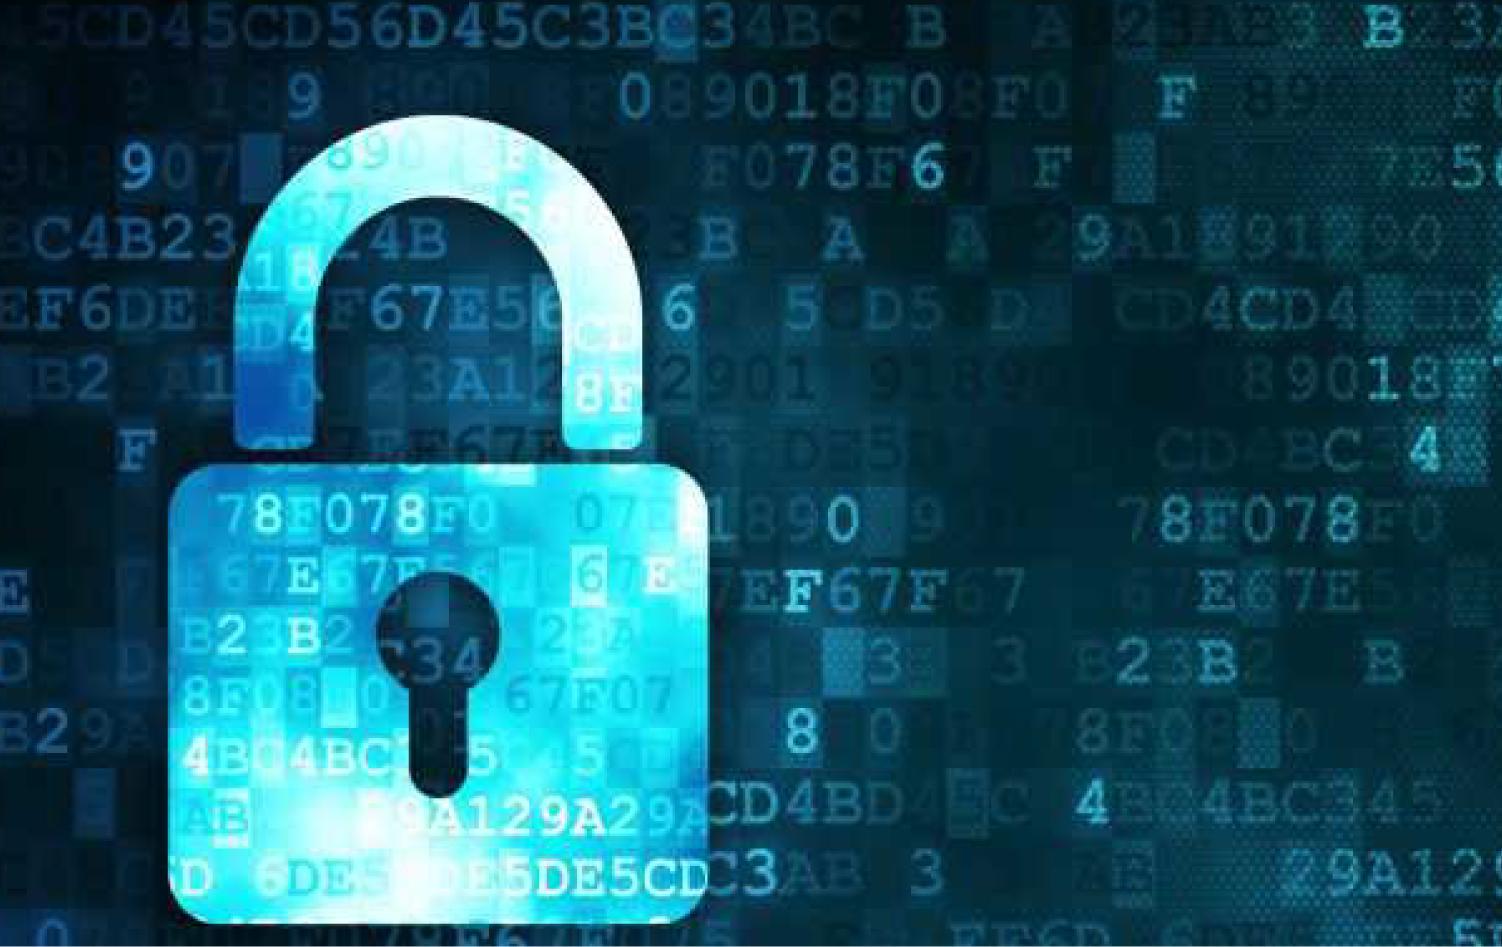 Clipping – Tecnoblog – Lei Geral De Proteção De Dados: Aos Trancos E Barrancos